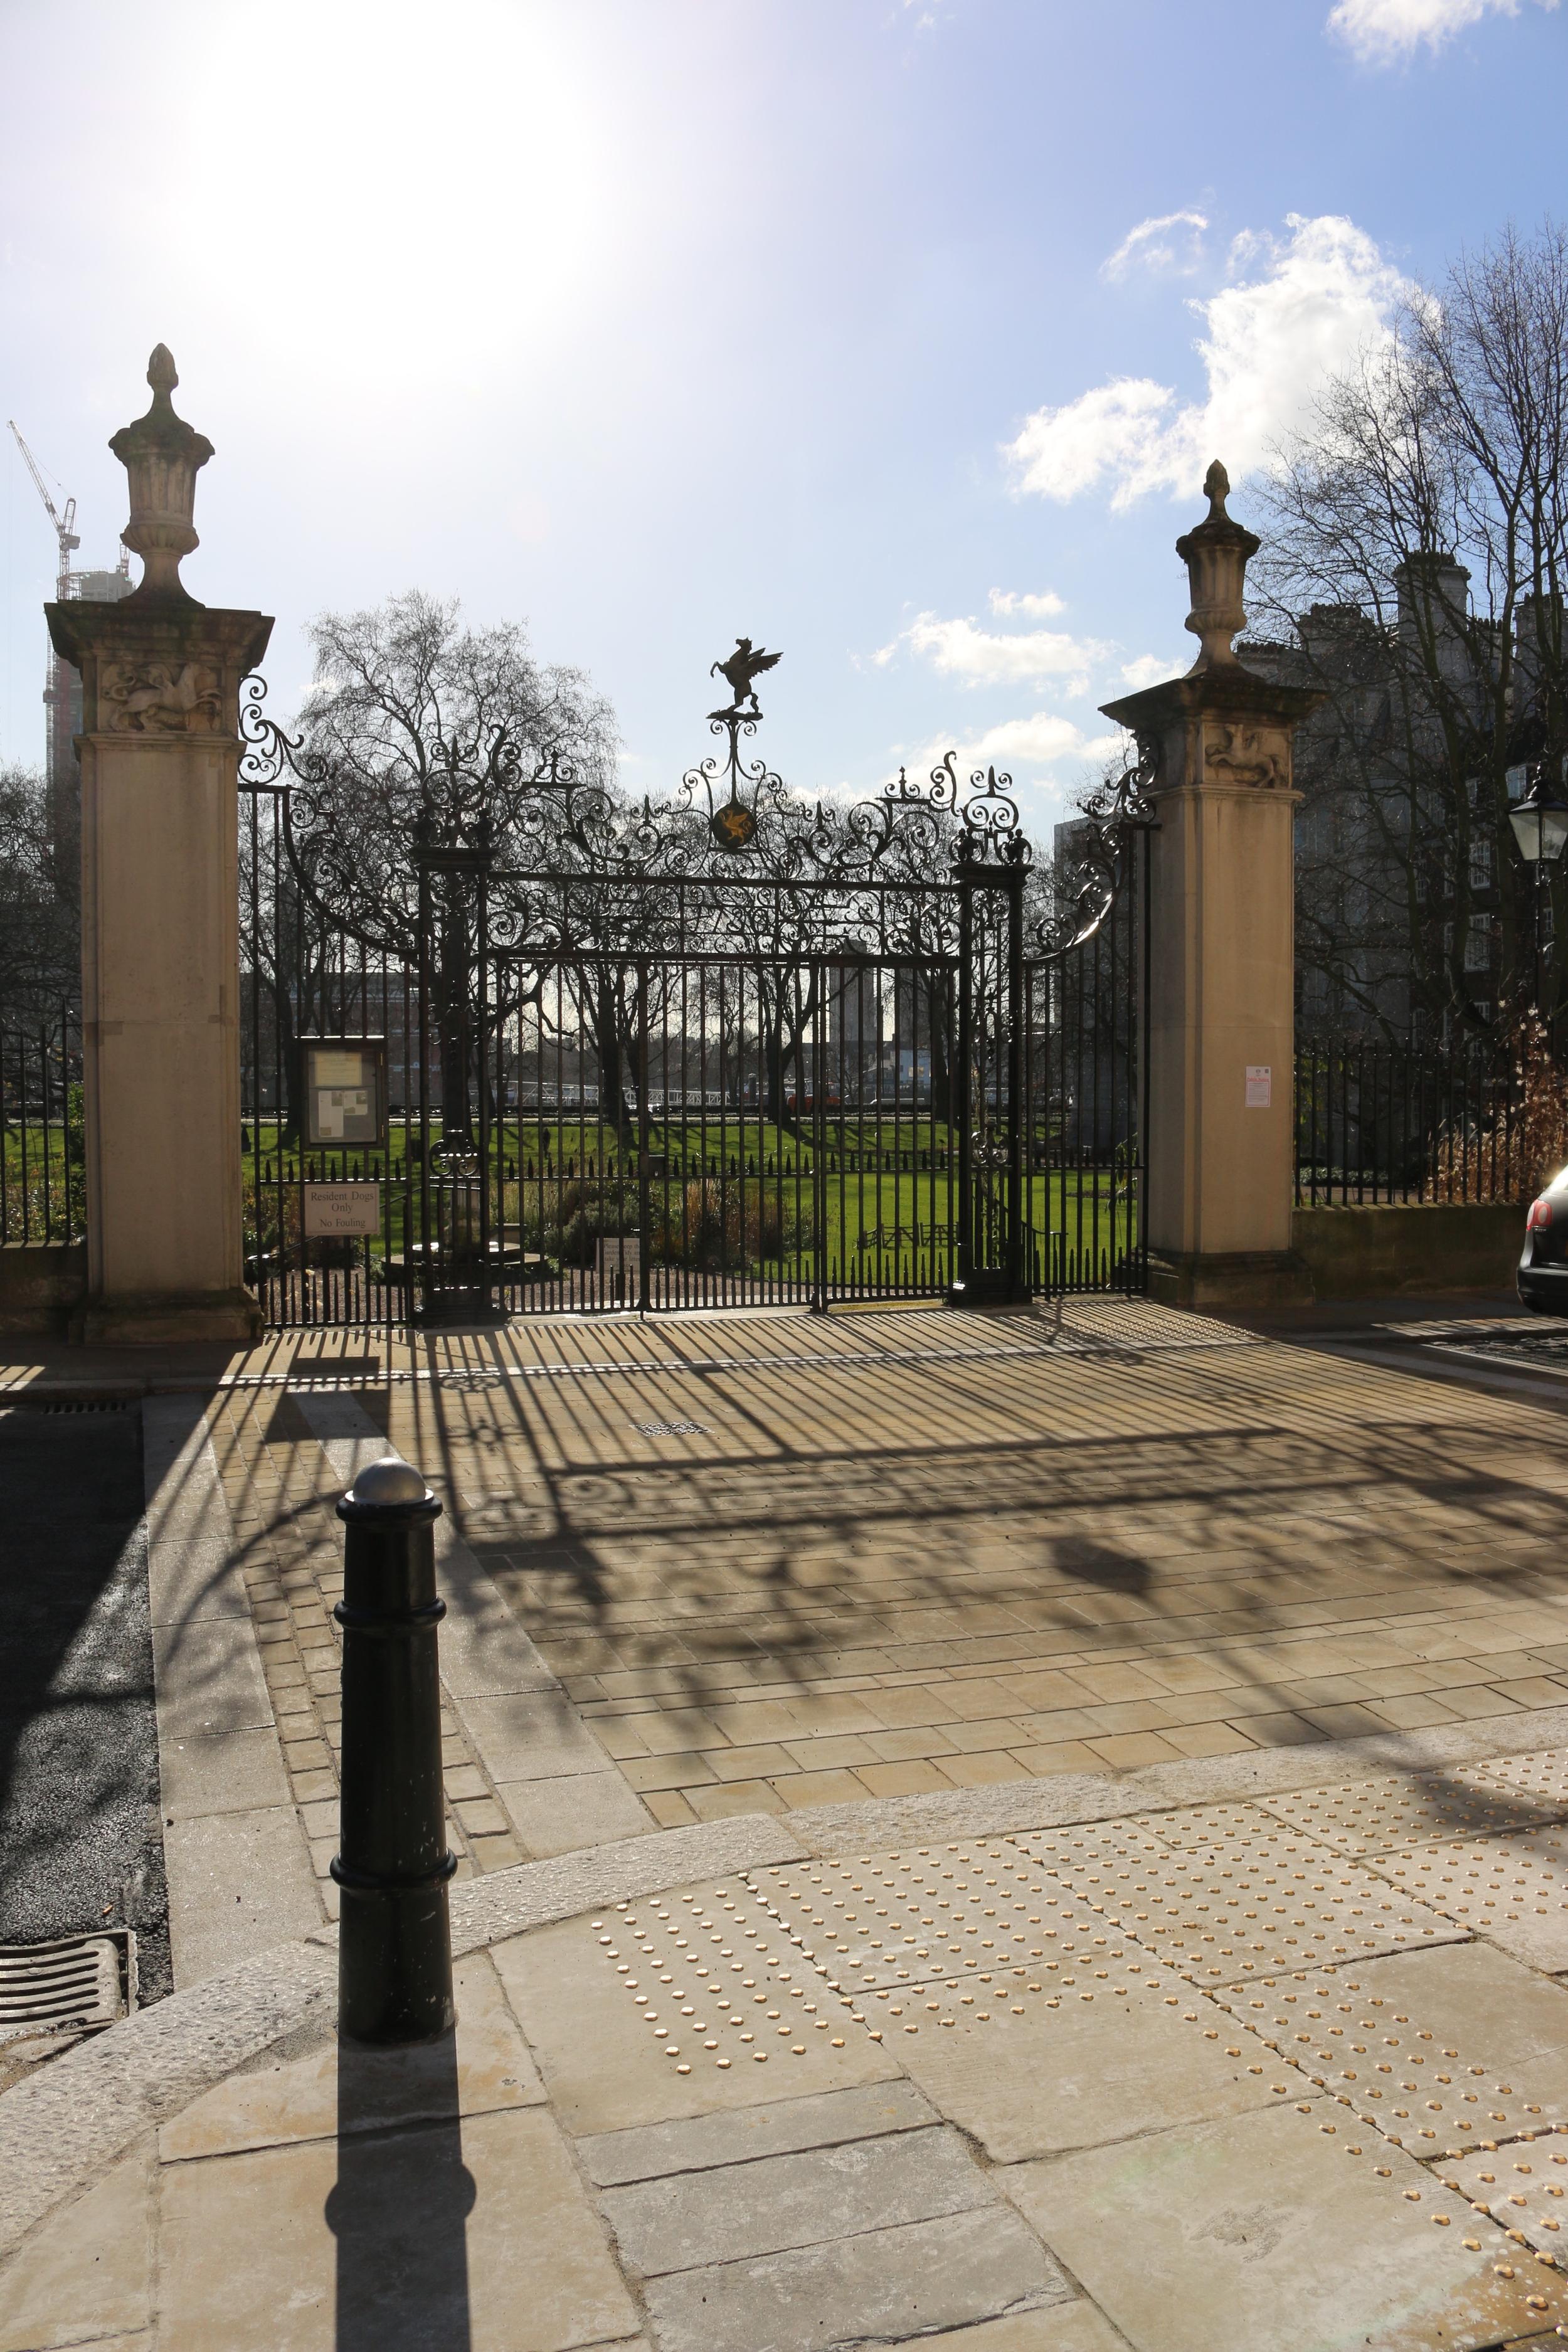 Garden gates 170215.jpg